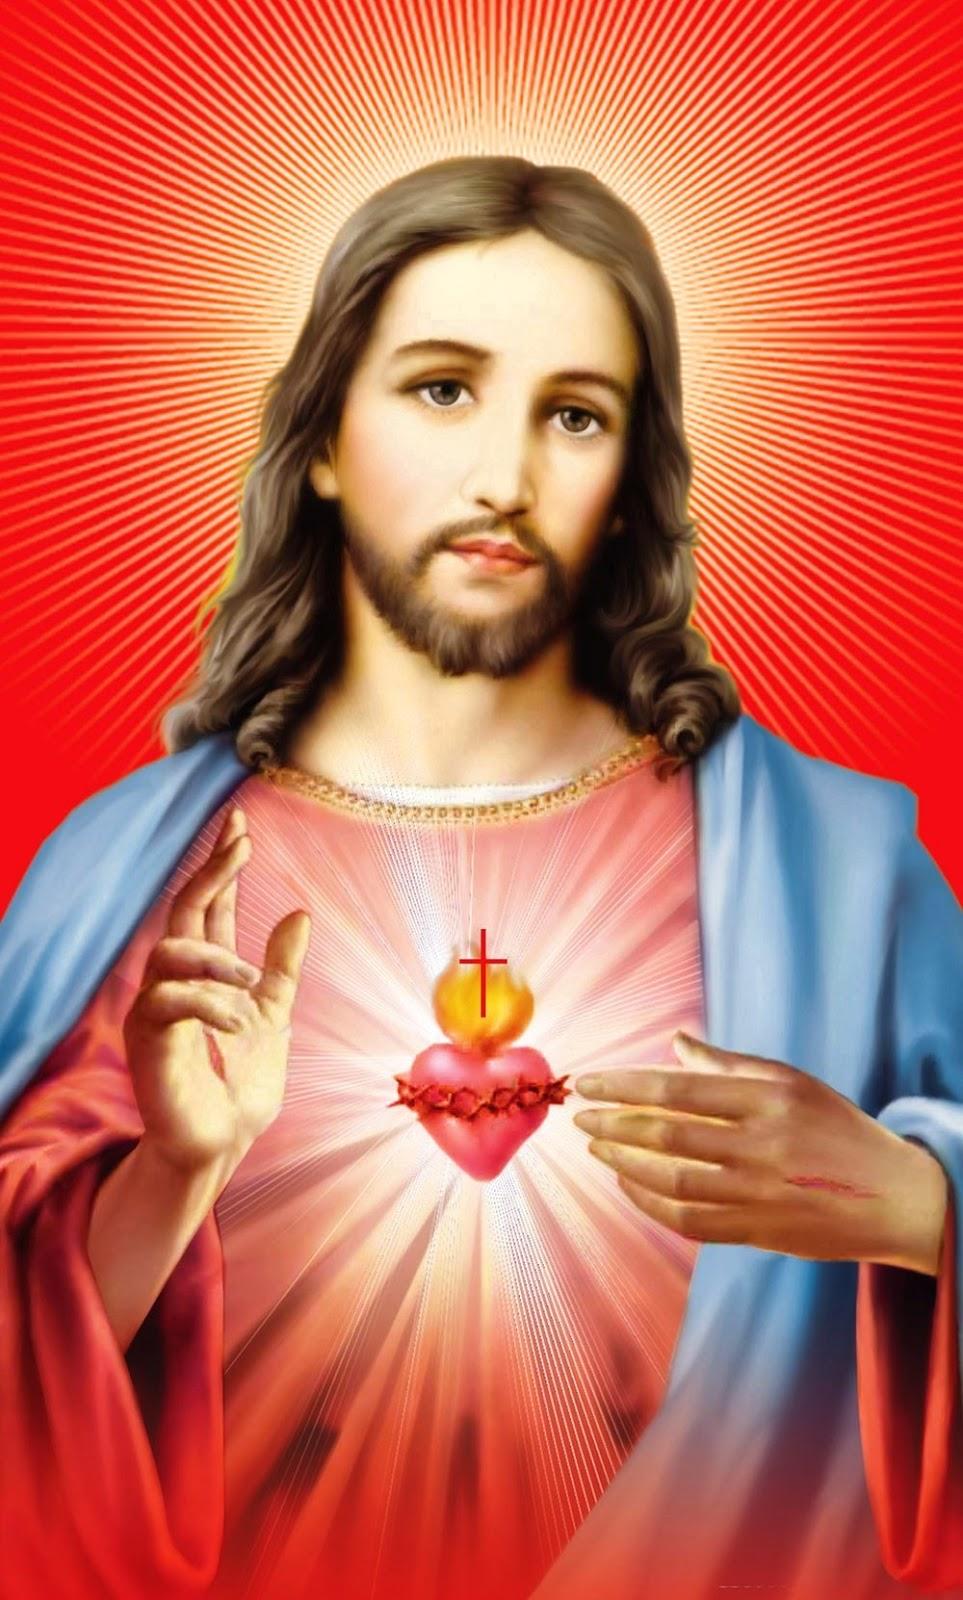 Tìm hiểu và sống Tin Mừng LỄ KÍNH THÁNH TÂM CHÚA GIÊ-SU (Giuse Luca)